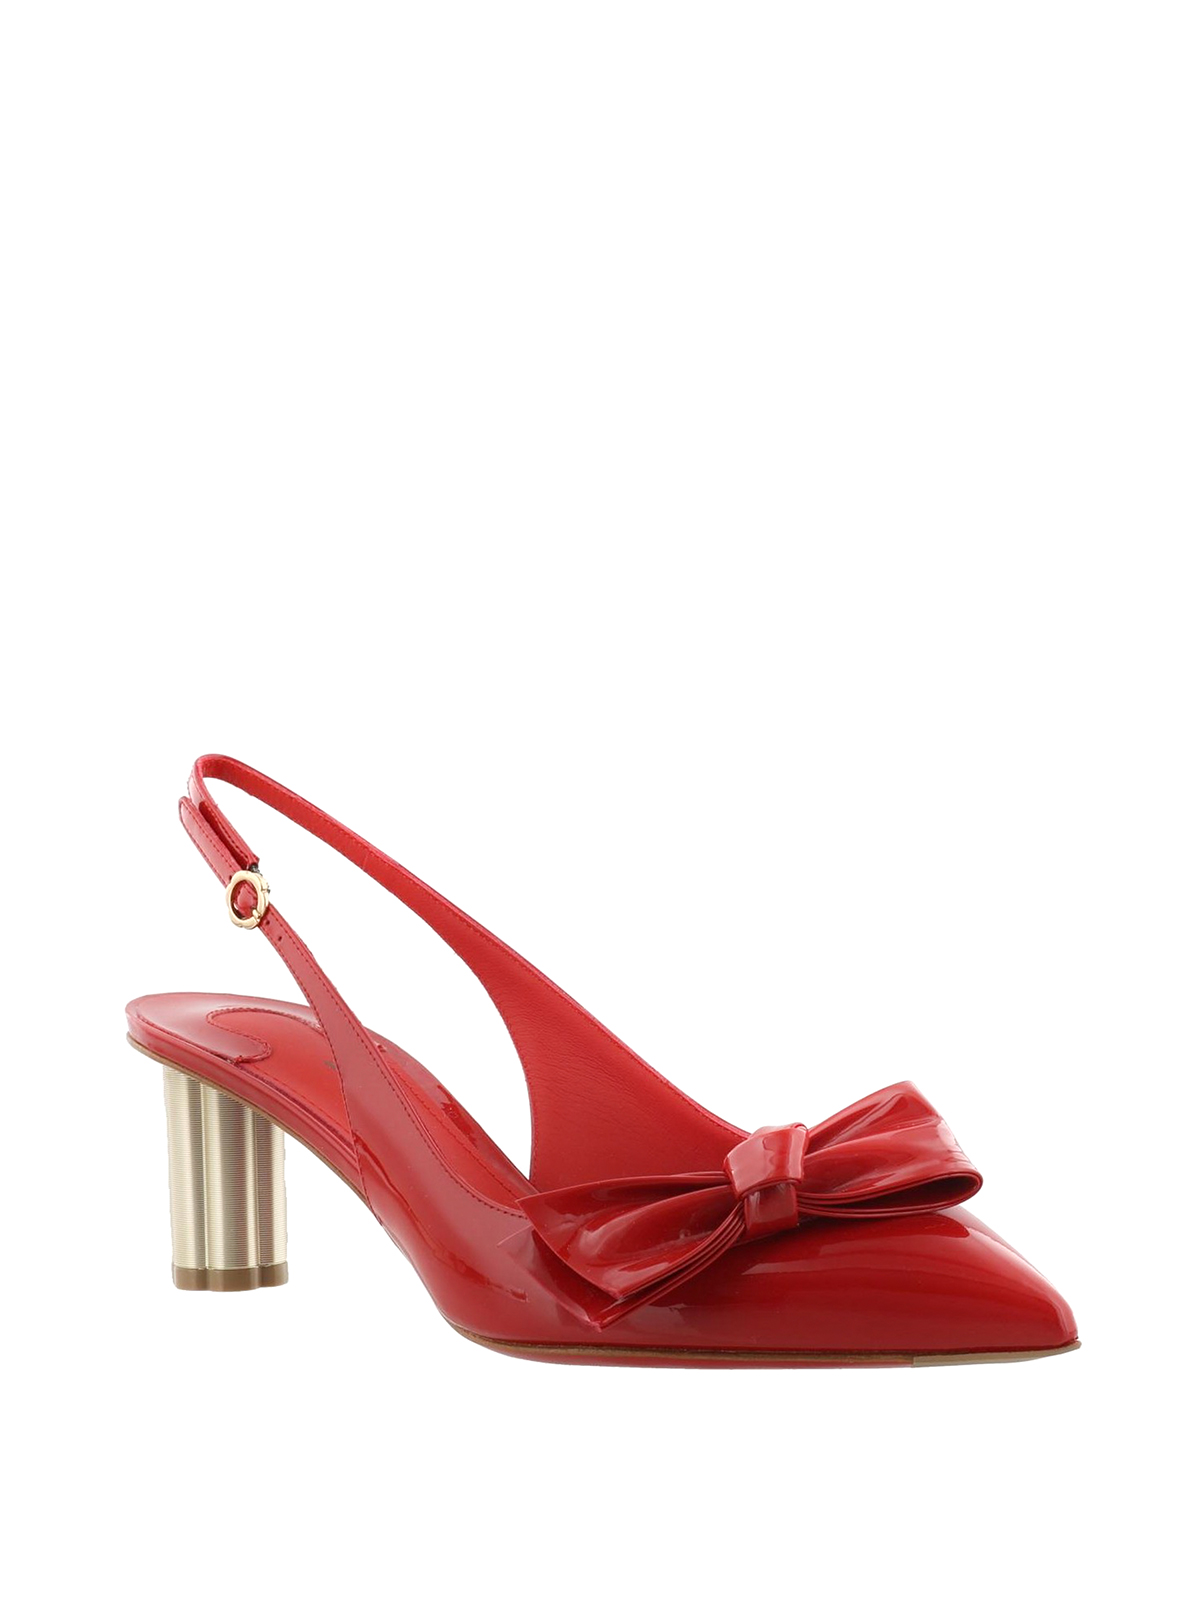 Chaussures Aulla Ferragamo ddom6igNj